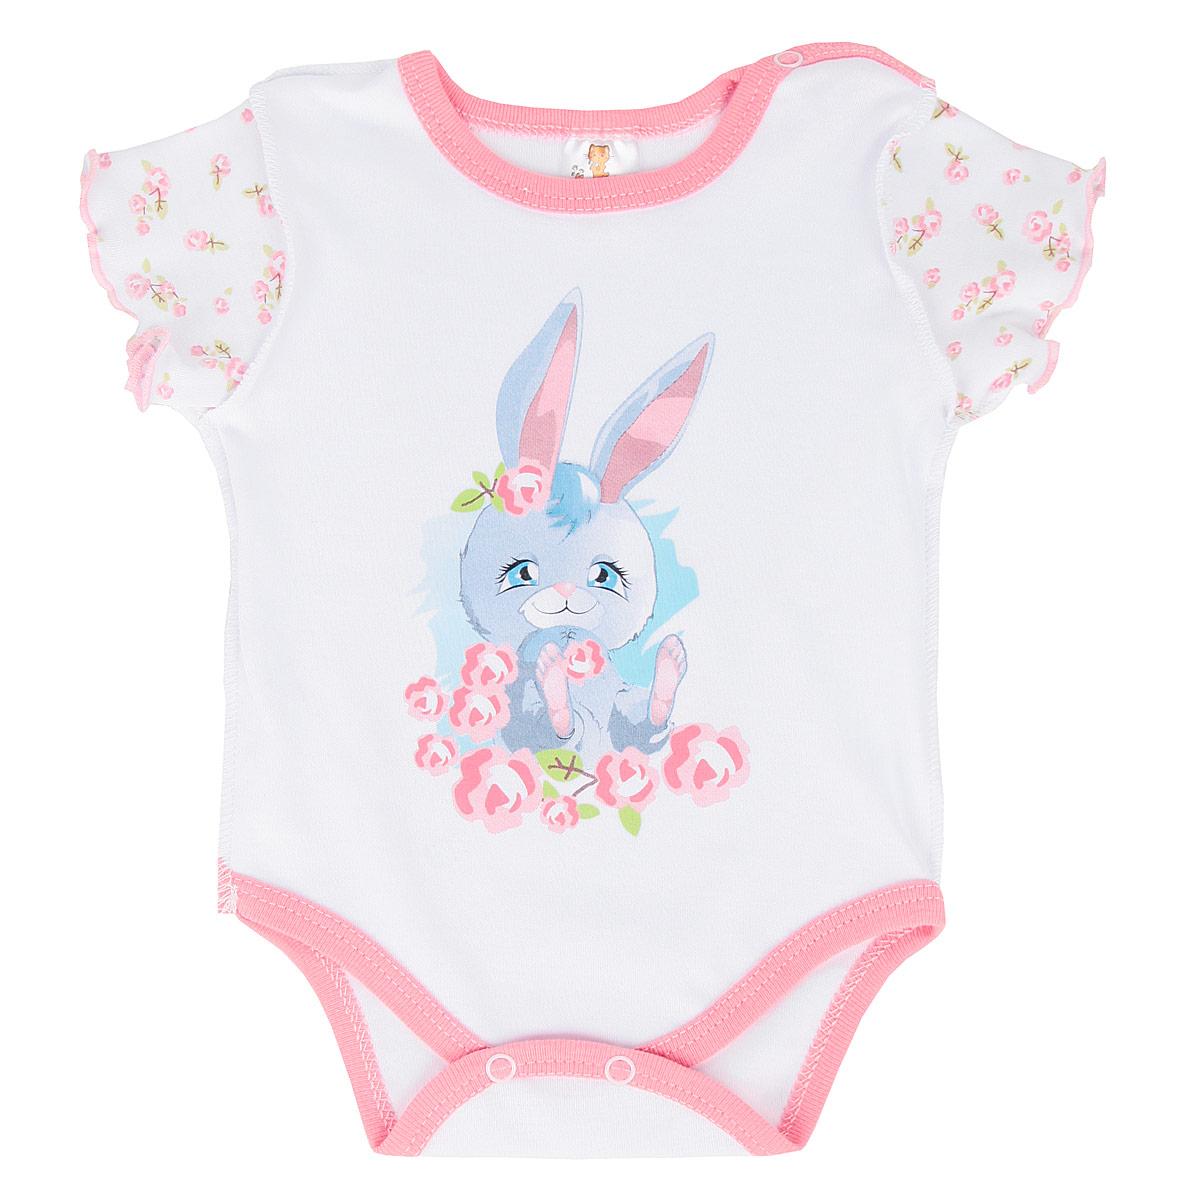 Боди-футболка для девочки. 39673967Очаровательное боди-футболка для девочки КотМарКот послужит идеальным дополнением к гардеробу малышки, обеспечивая ей наибольший комфорт. Боди, выполненное швами наружу, изготовлено из натурального хлопка - интерлока, благодаря чему оно необычайно мягкое и легкое, не раздражает нежную кожу ребенка и хорошо вентилируется, а эластичные швы приятны телу малышки и не препятствуют ее движениям. Боди с короткими рукавами и круглым вырезом горловины на плече имеет застежку-кнопку, которая с легкостью поможет переодеть ребенка. Удобные застежки-кнопки на ластовице помогают легко переодеть младенца или сменить подгузник. Рукава украшены цветочным принтом, а их отделка понизу гармонично дополняет образ. Спереди изделие оформлено принтом с изображением очаровательного зайчонка. Вырез горловины и ластовица оформлены контрастной бейкой. Боди полностью соответствует особенностям жизни малютки в ранний период, не стесняя и не ограничивая его в движениях. В нем ваш ребенок всегда будет в...